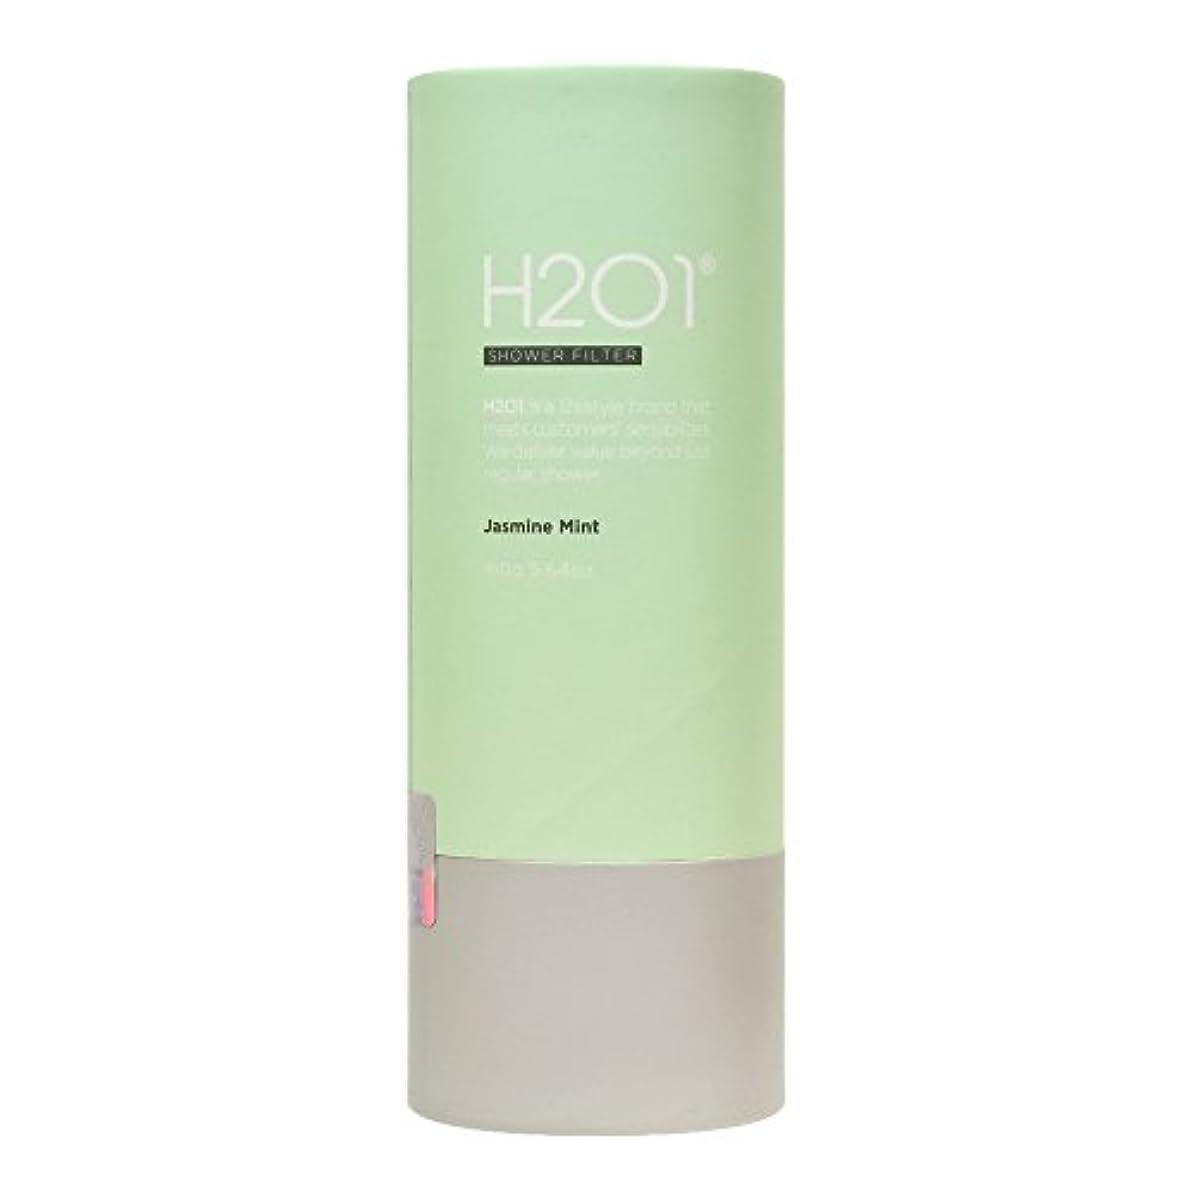 H2O1 (エイチツーオーワン) シャワーフィルター ジャスミンミント